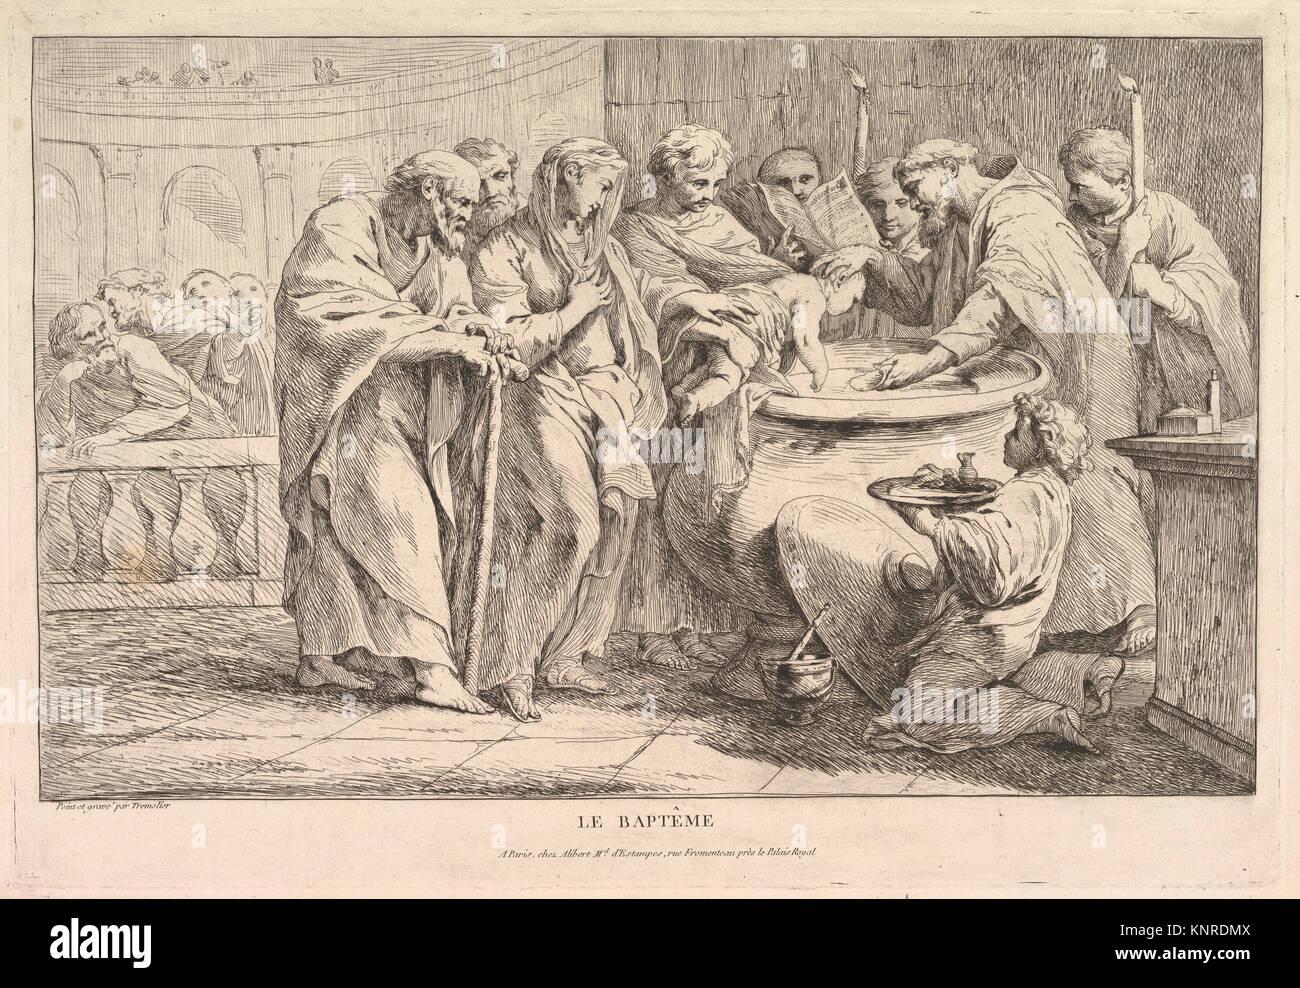 El bautismo. Artista: Pierre Charles Trémolières (Francés, Cholet 1703-1739 París); Fecha: ca. 1734; media: aguafuerte, estado II/II; Dimensiones: Hoja: 13 Foto de stock